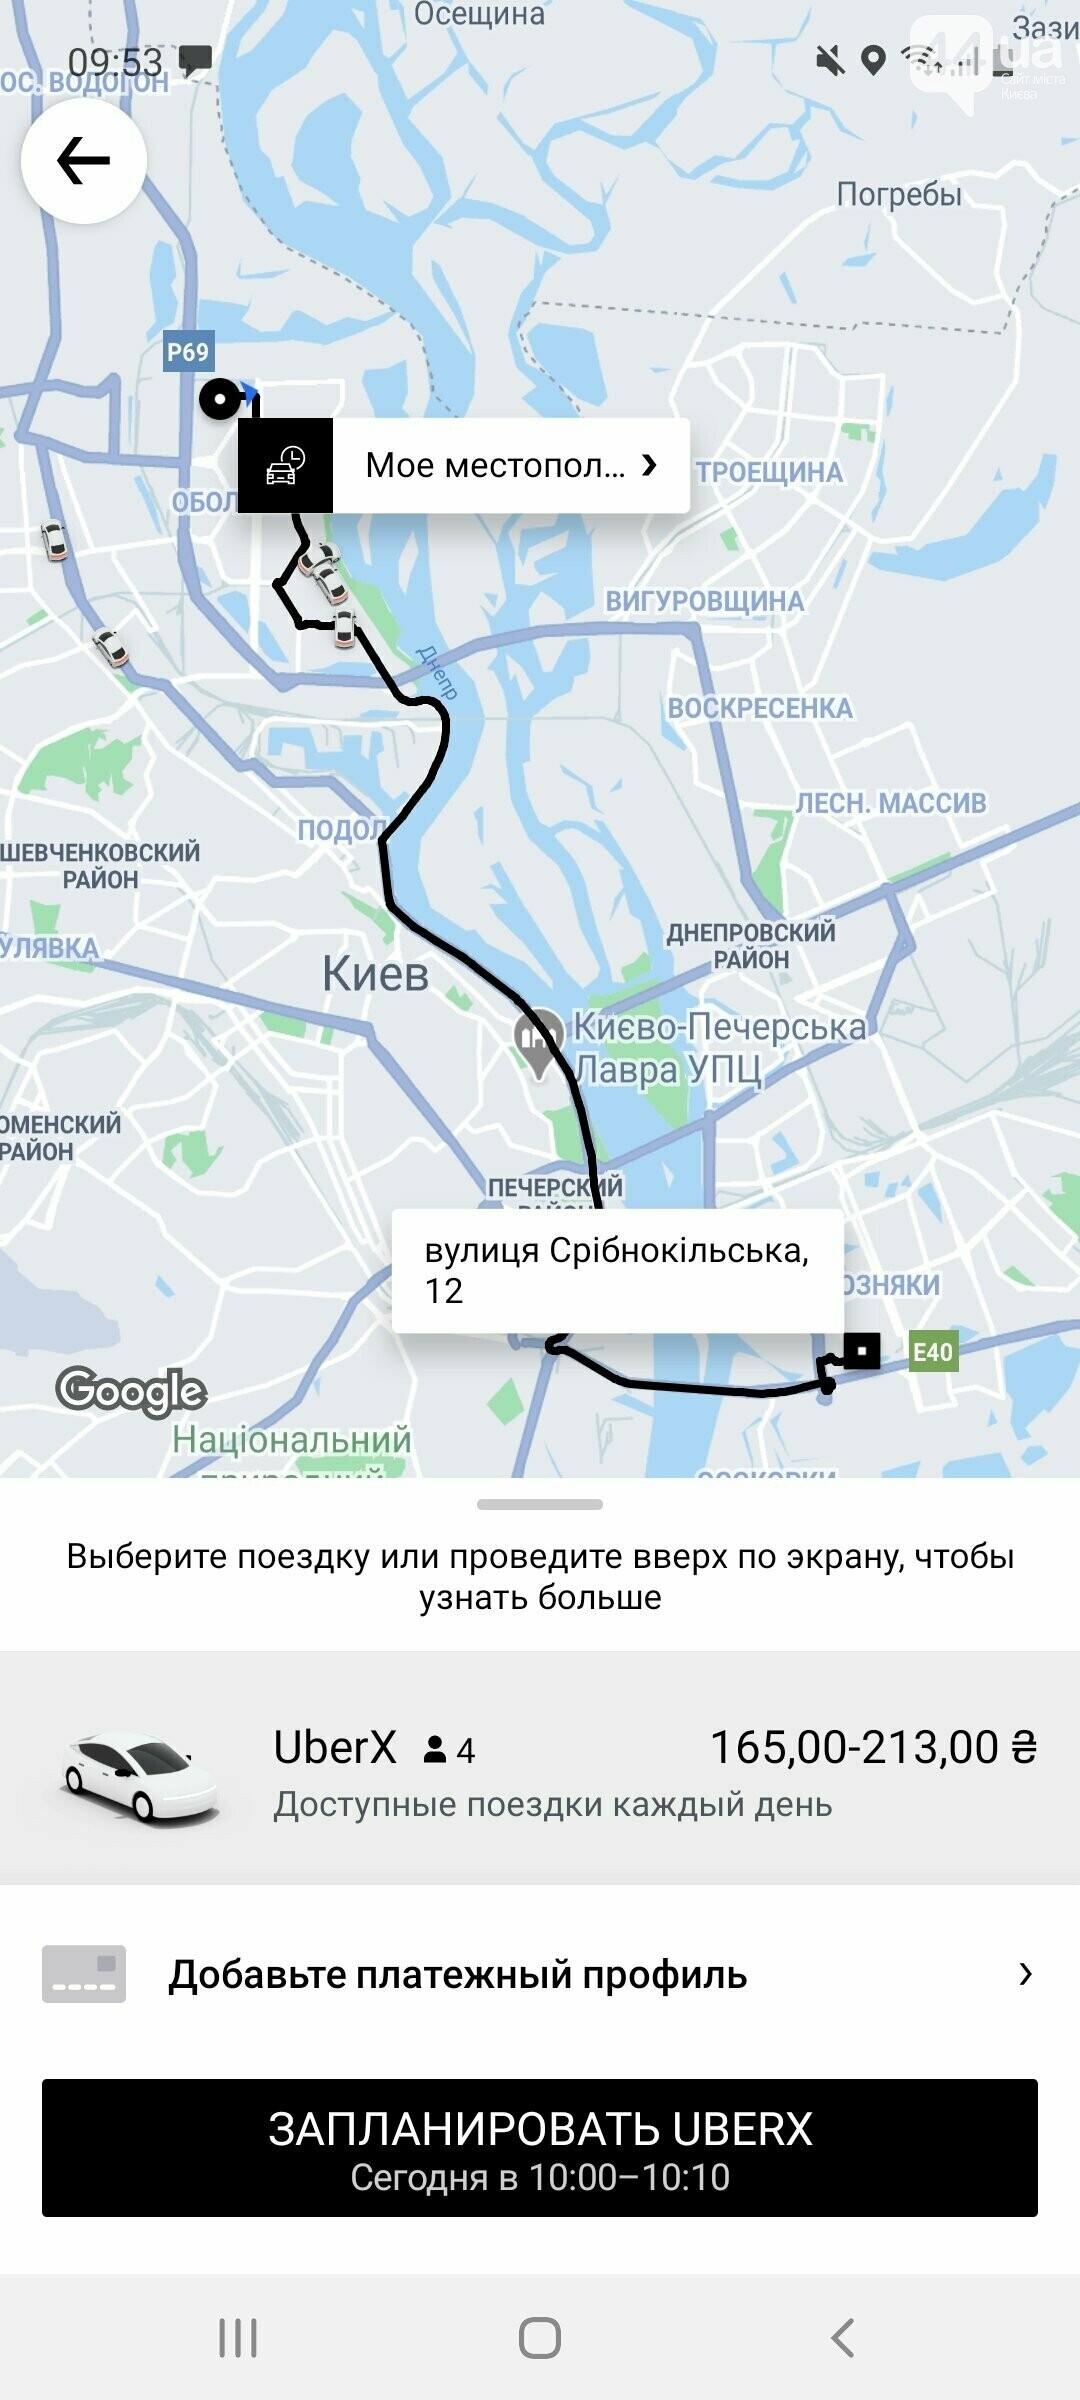 Антимонопольный комитет проверяет законность повышения цен на такси в Киеве., Фото 44.ua